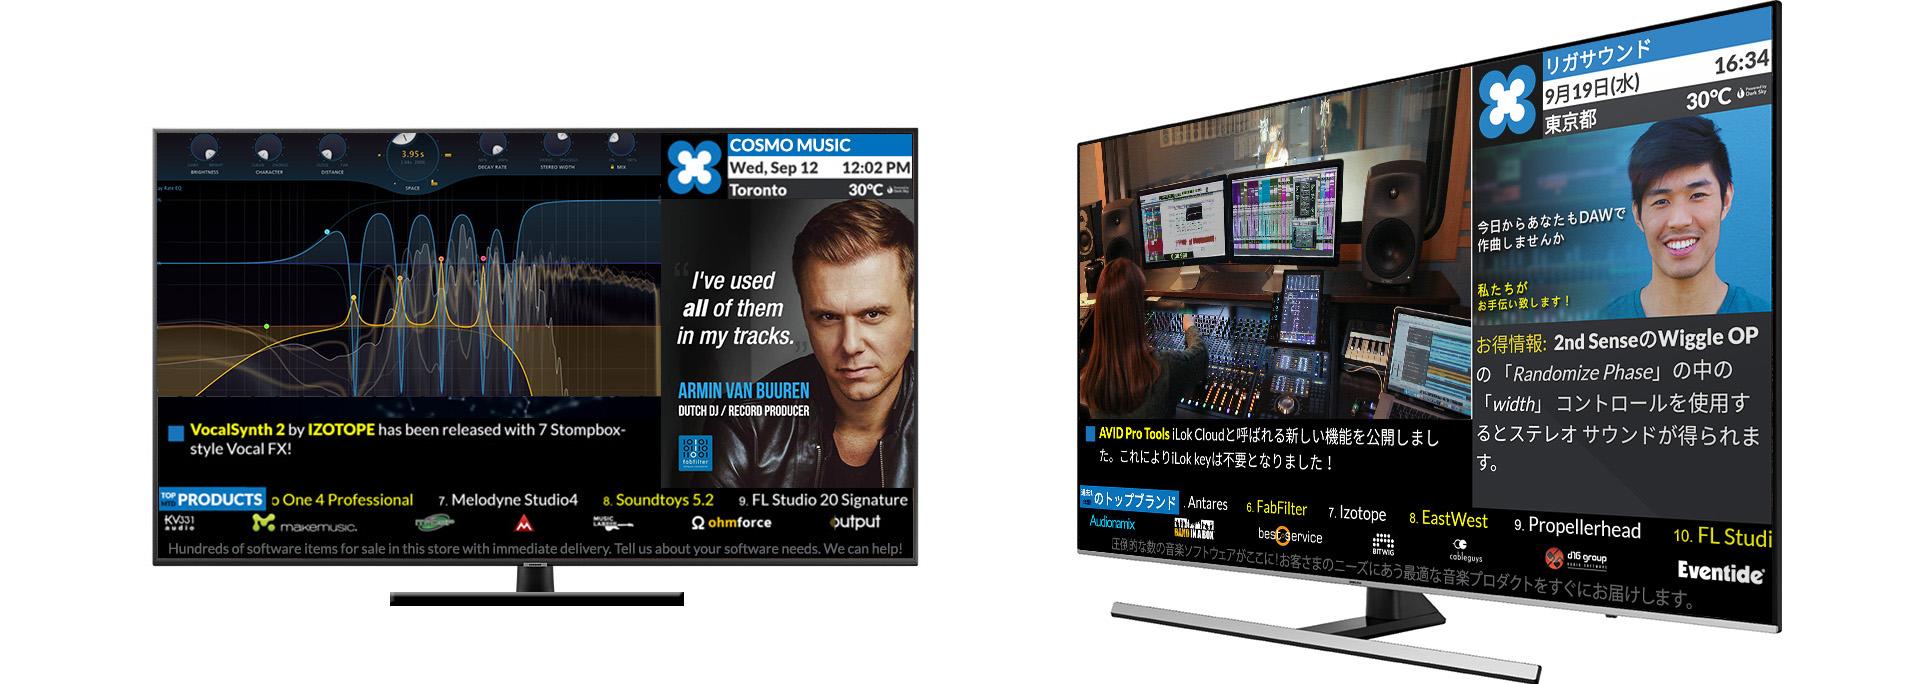 35cf2616383d XCHANGE TV